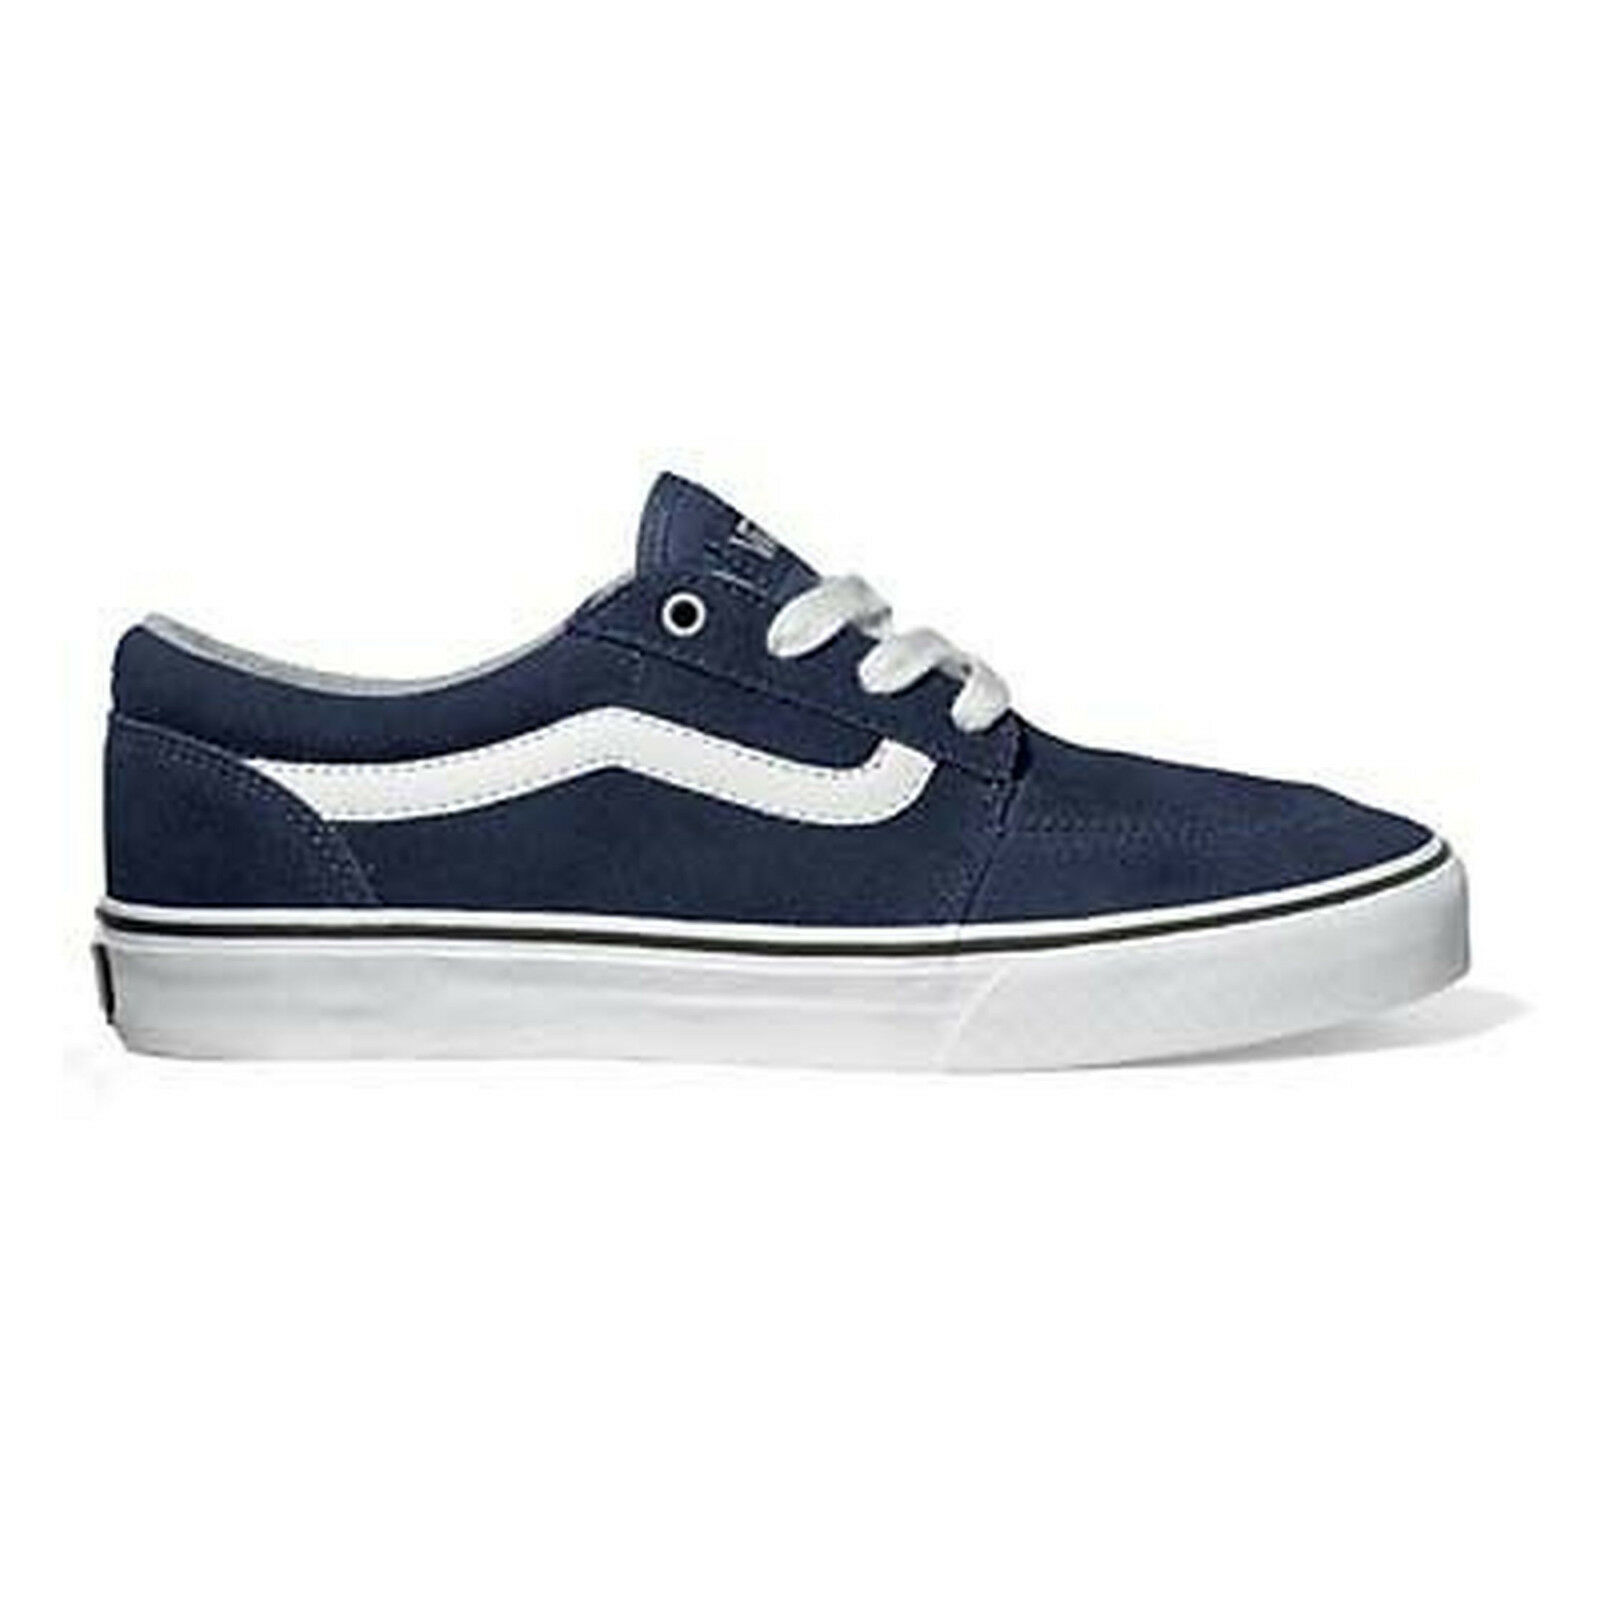 Vans Skaterschuhe Sneaker Collins NEU NEU NEU a36ef5